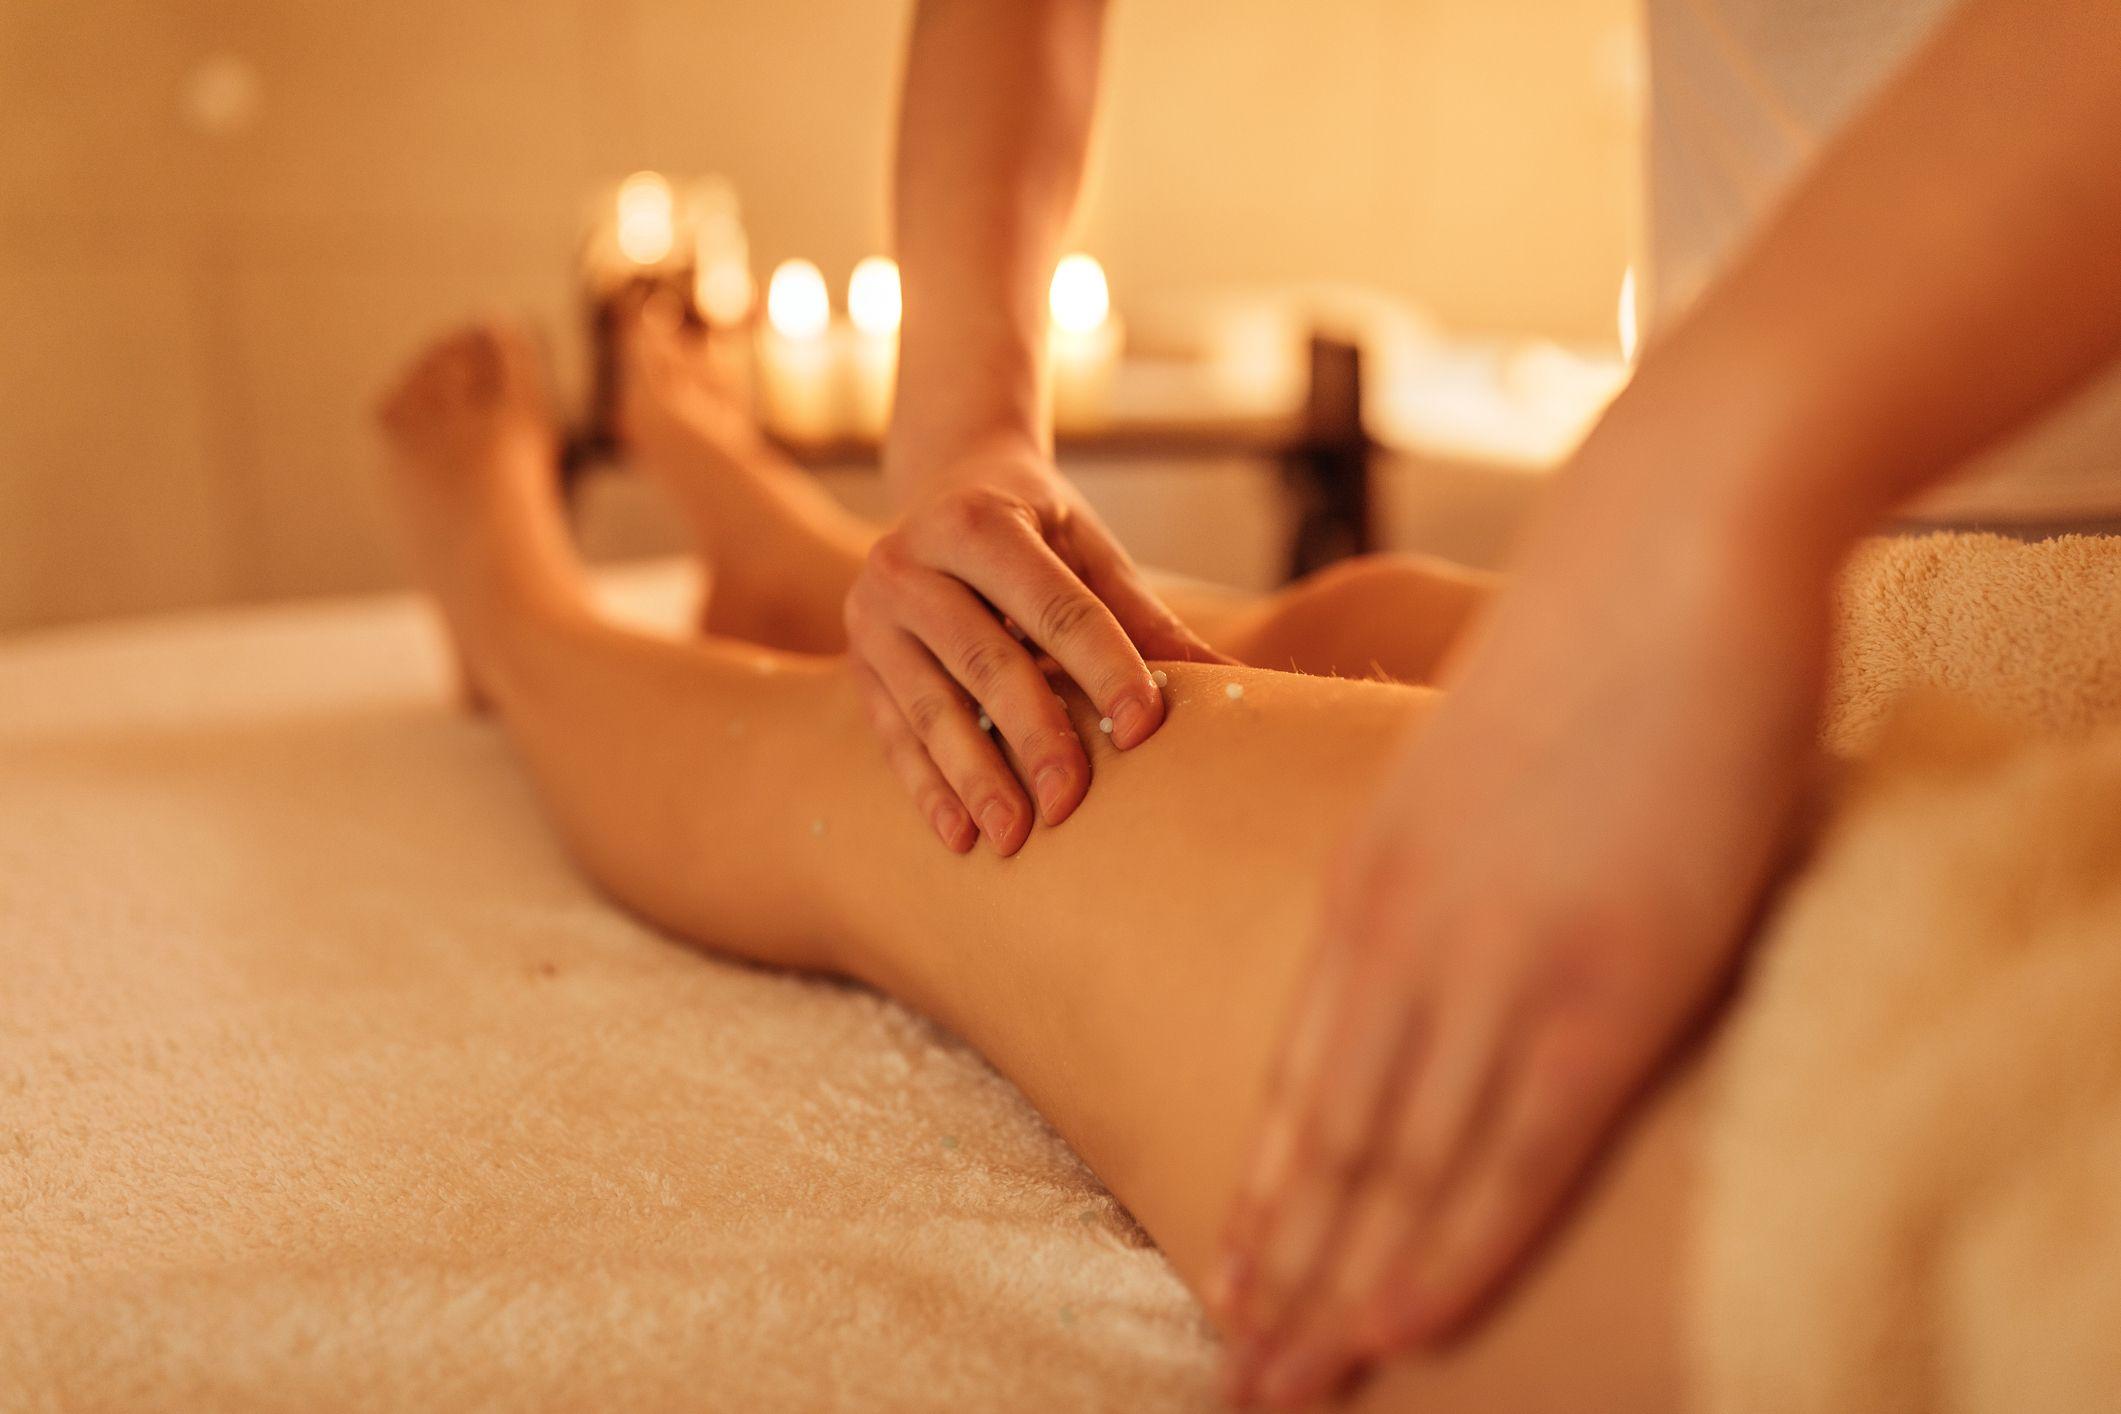 Linfodrenaje: Spa Tratamientos de Alegría Spa. Hotel Catalonia Reina Victoria****